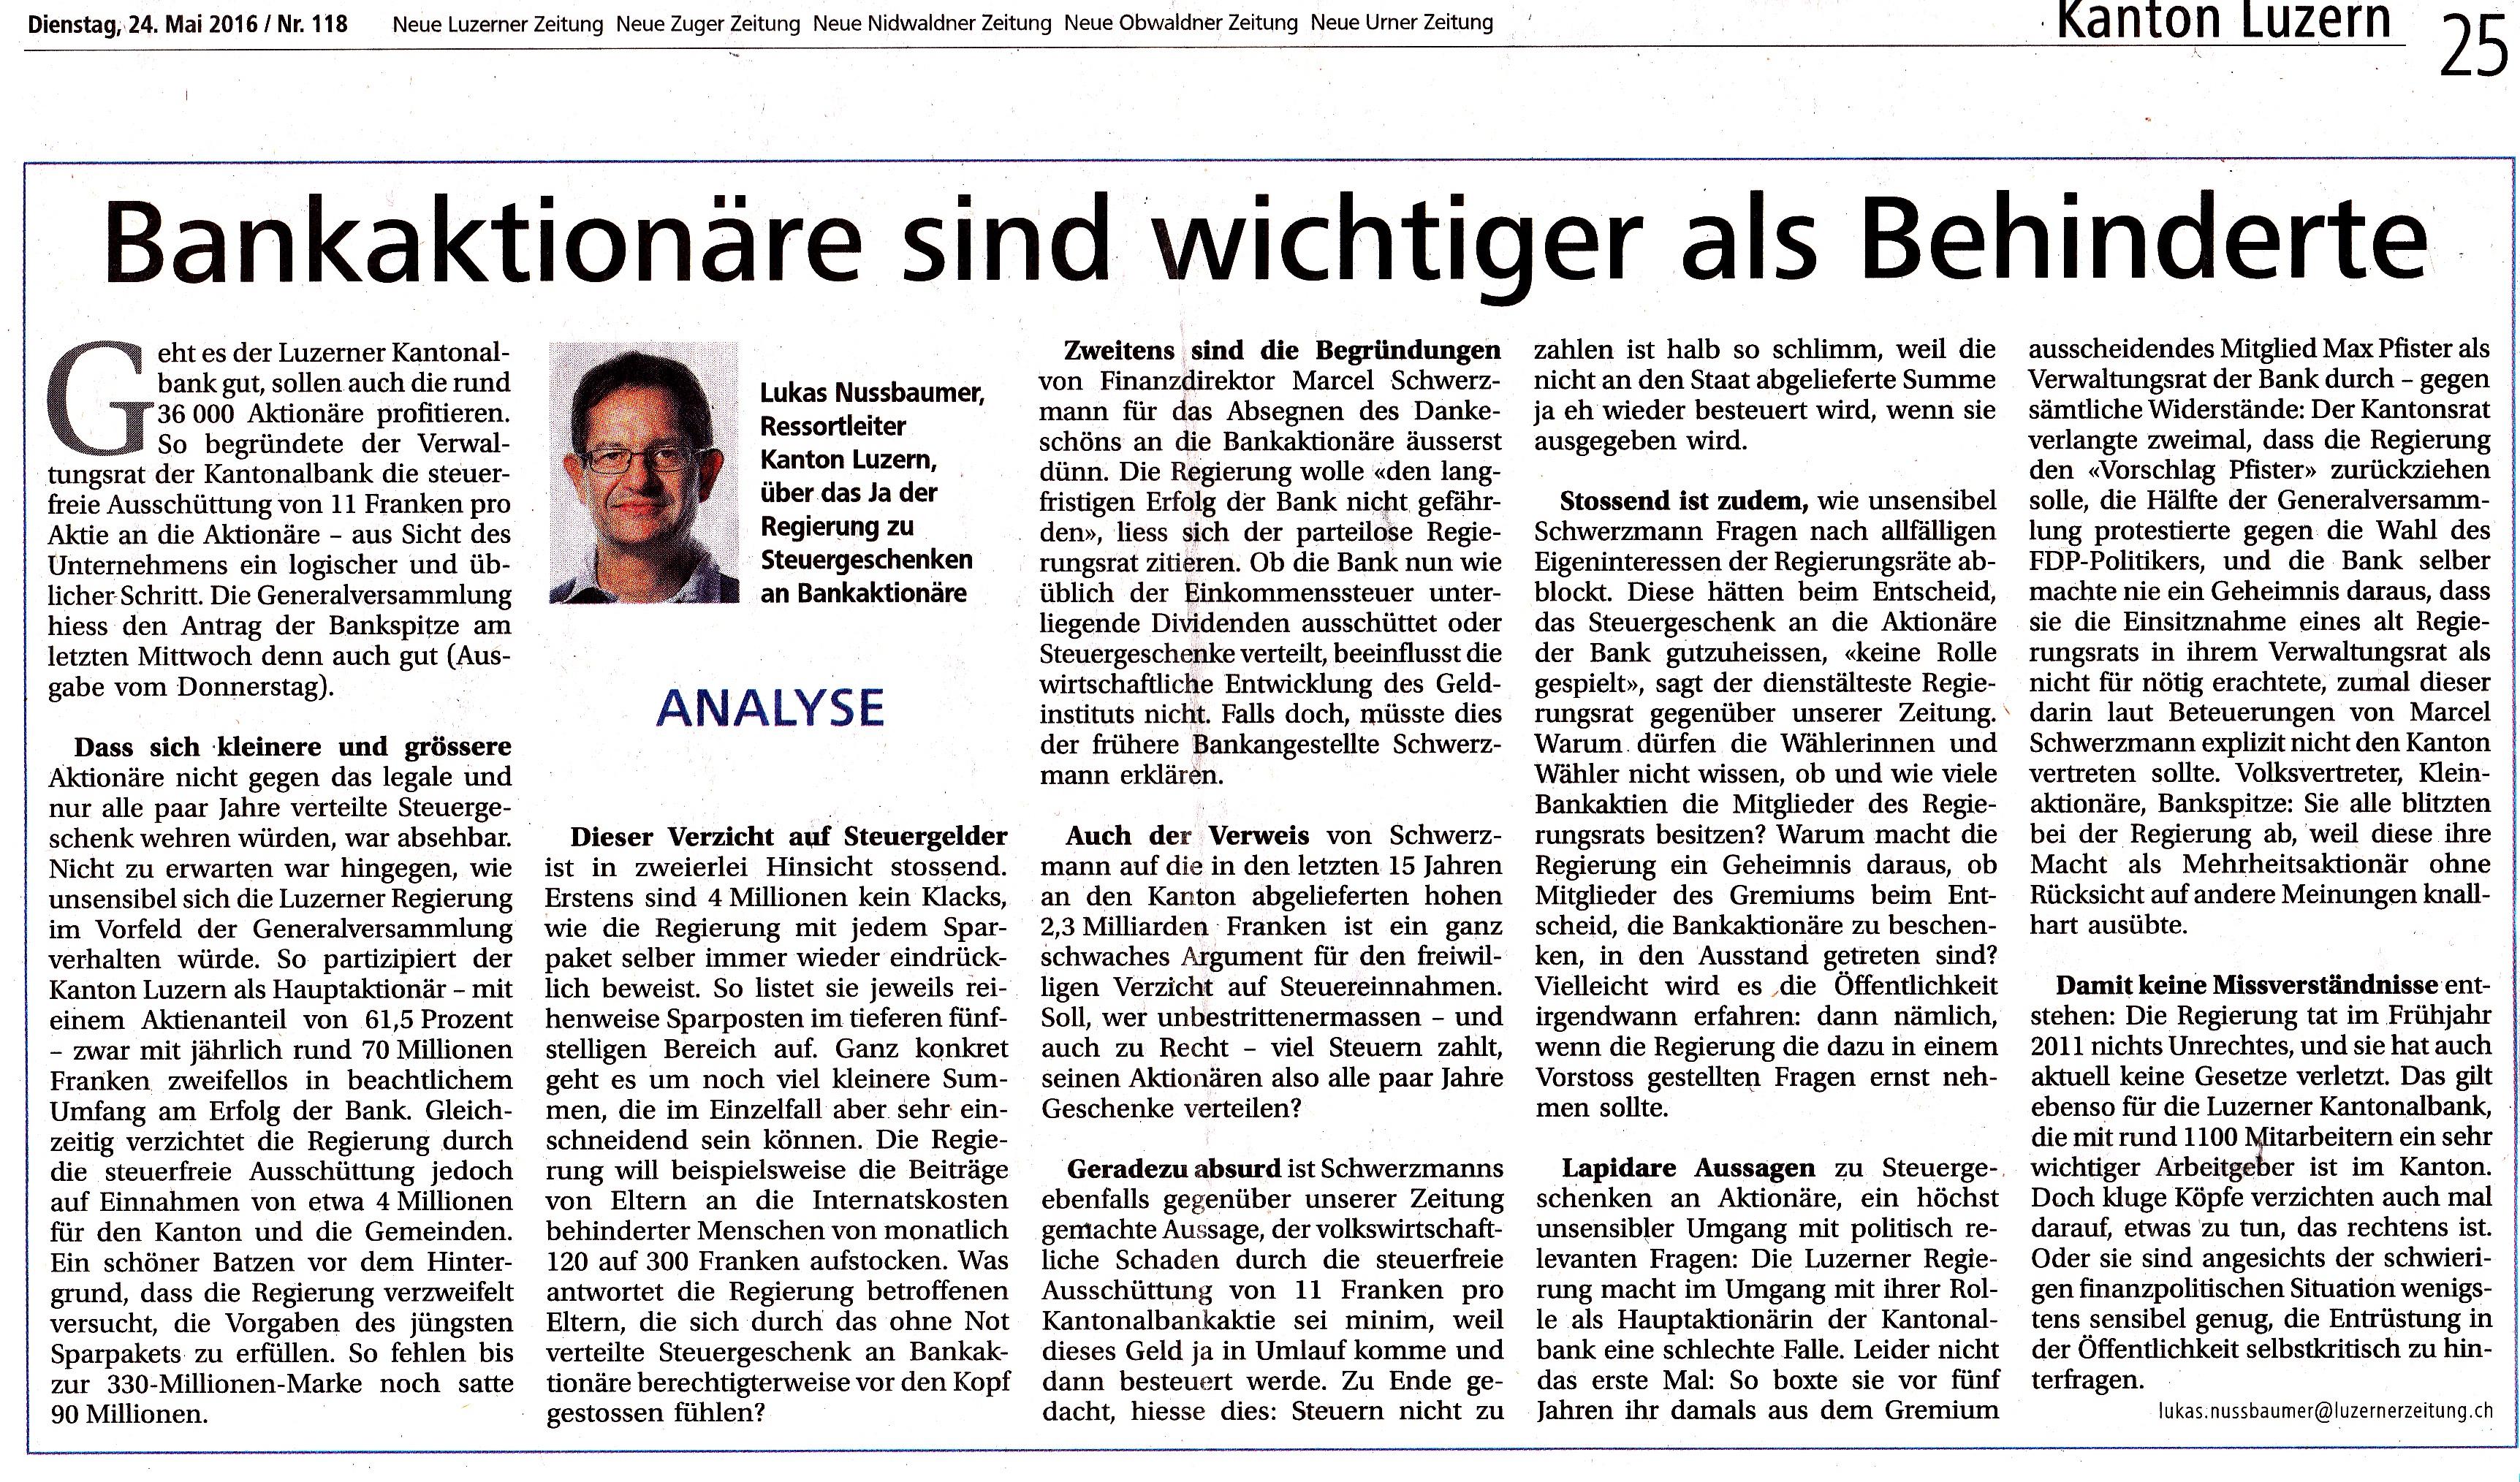 neuelz_kantonalbank_new.jpg